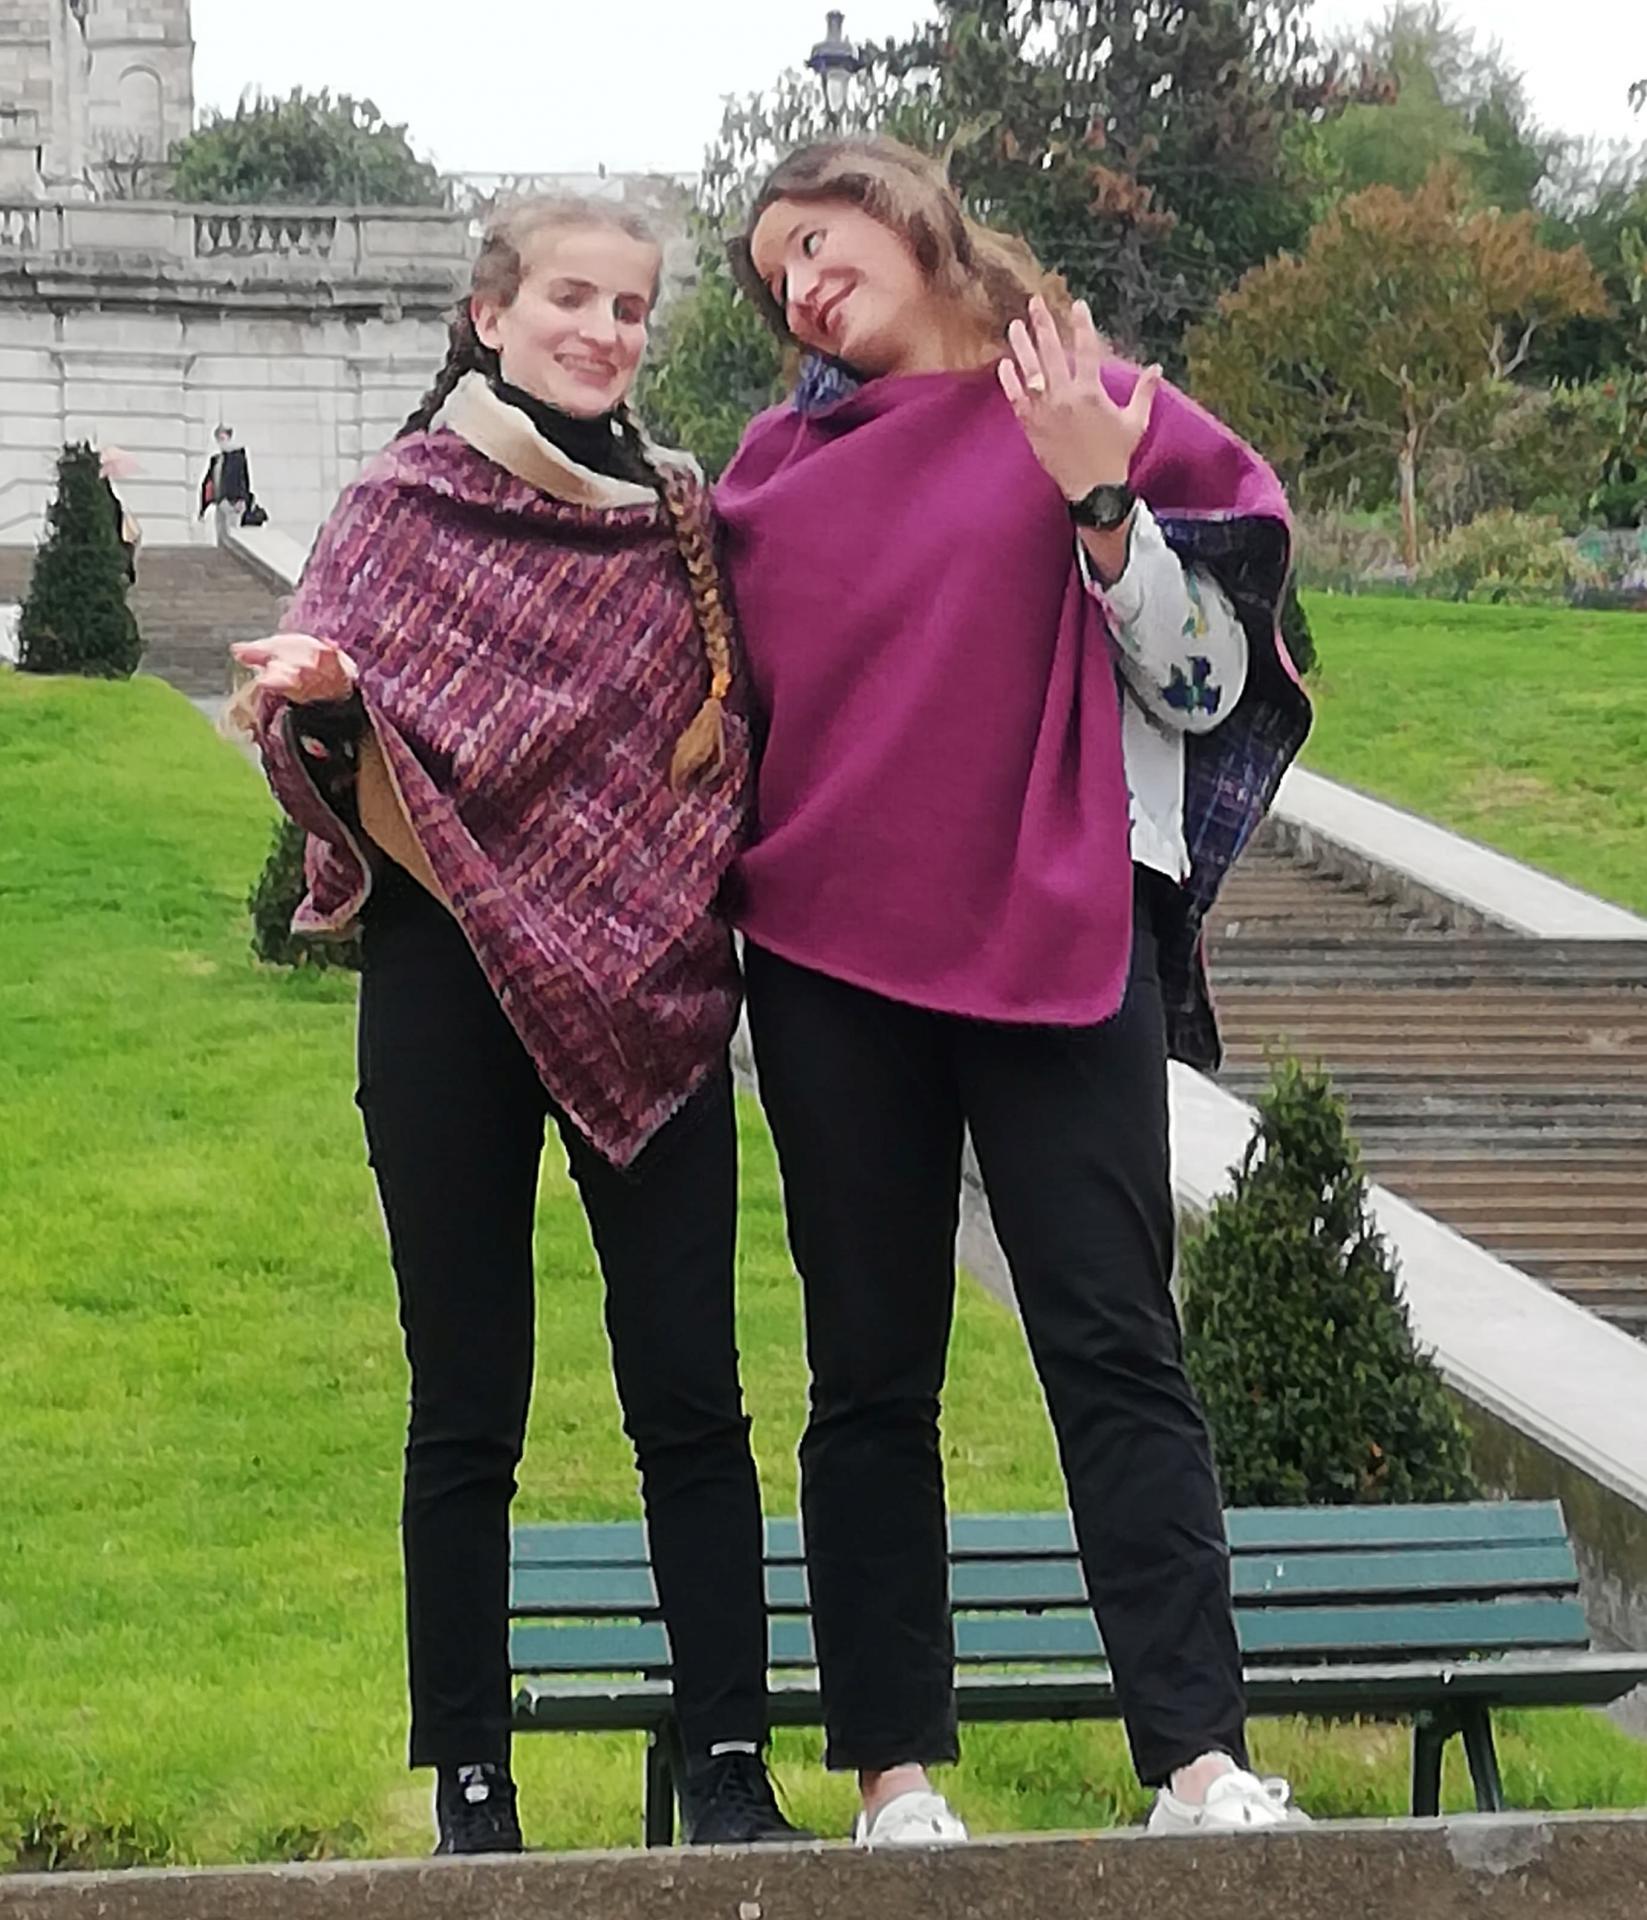 Poncho mesdames pour la collection automne hiver fifi au jardin i018